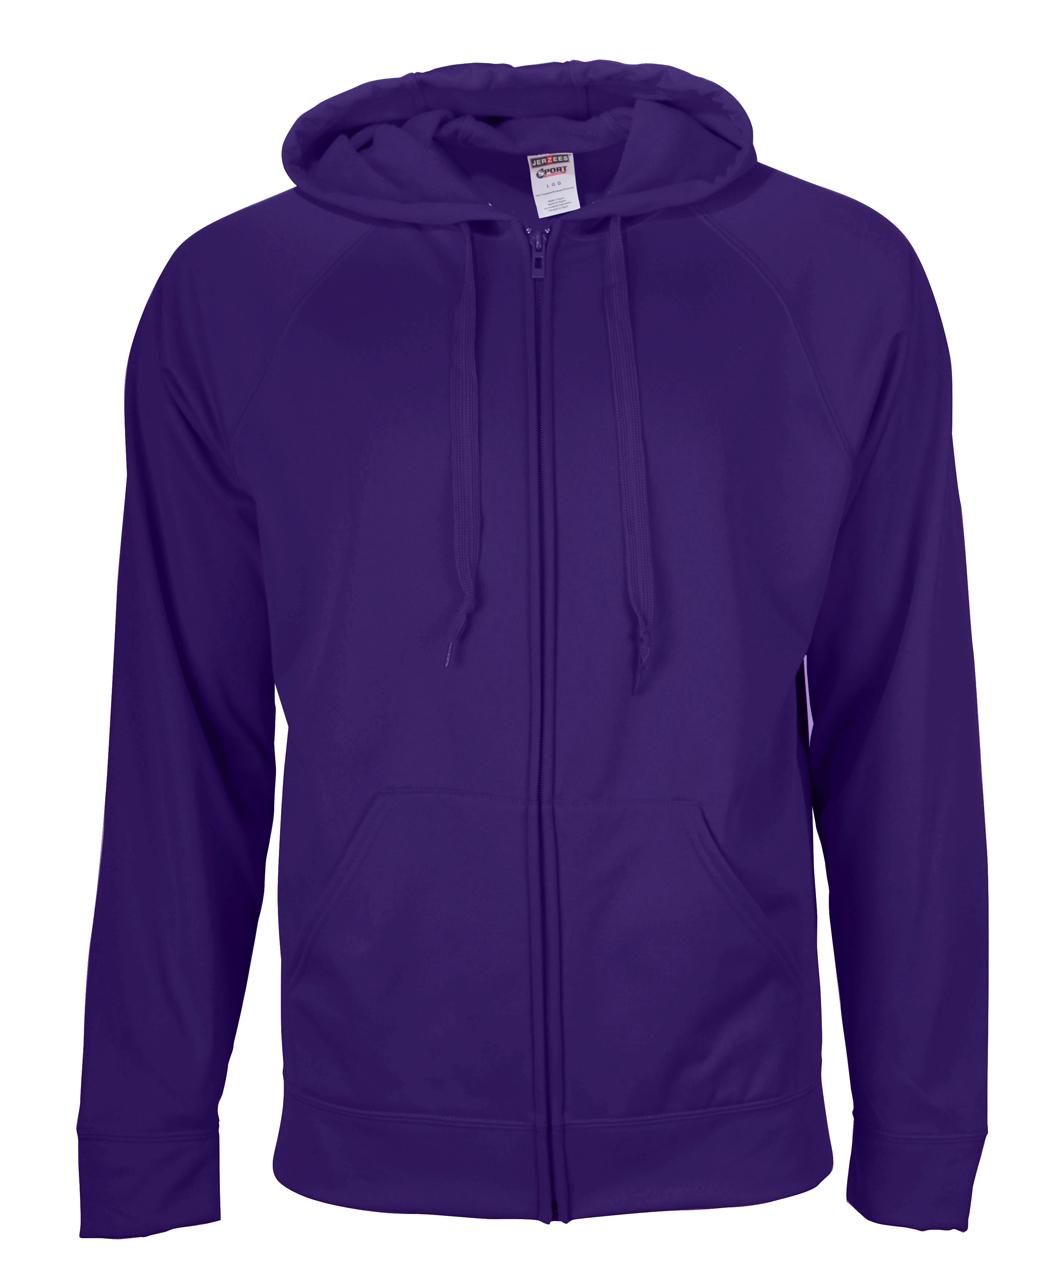 Picture of JERZEES Sport Tech Fleece Full-Zip Hooded Sweatshirt